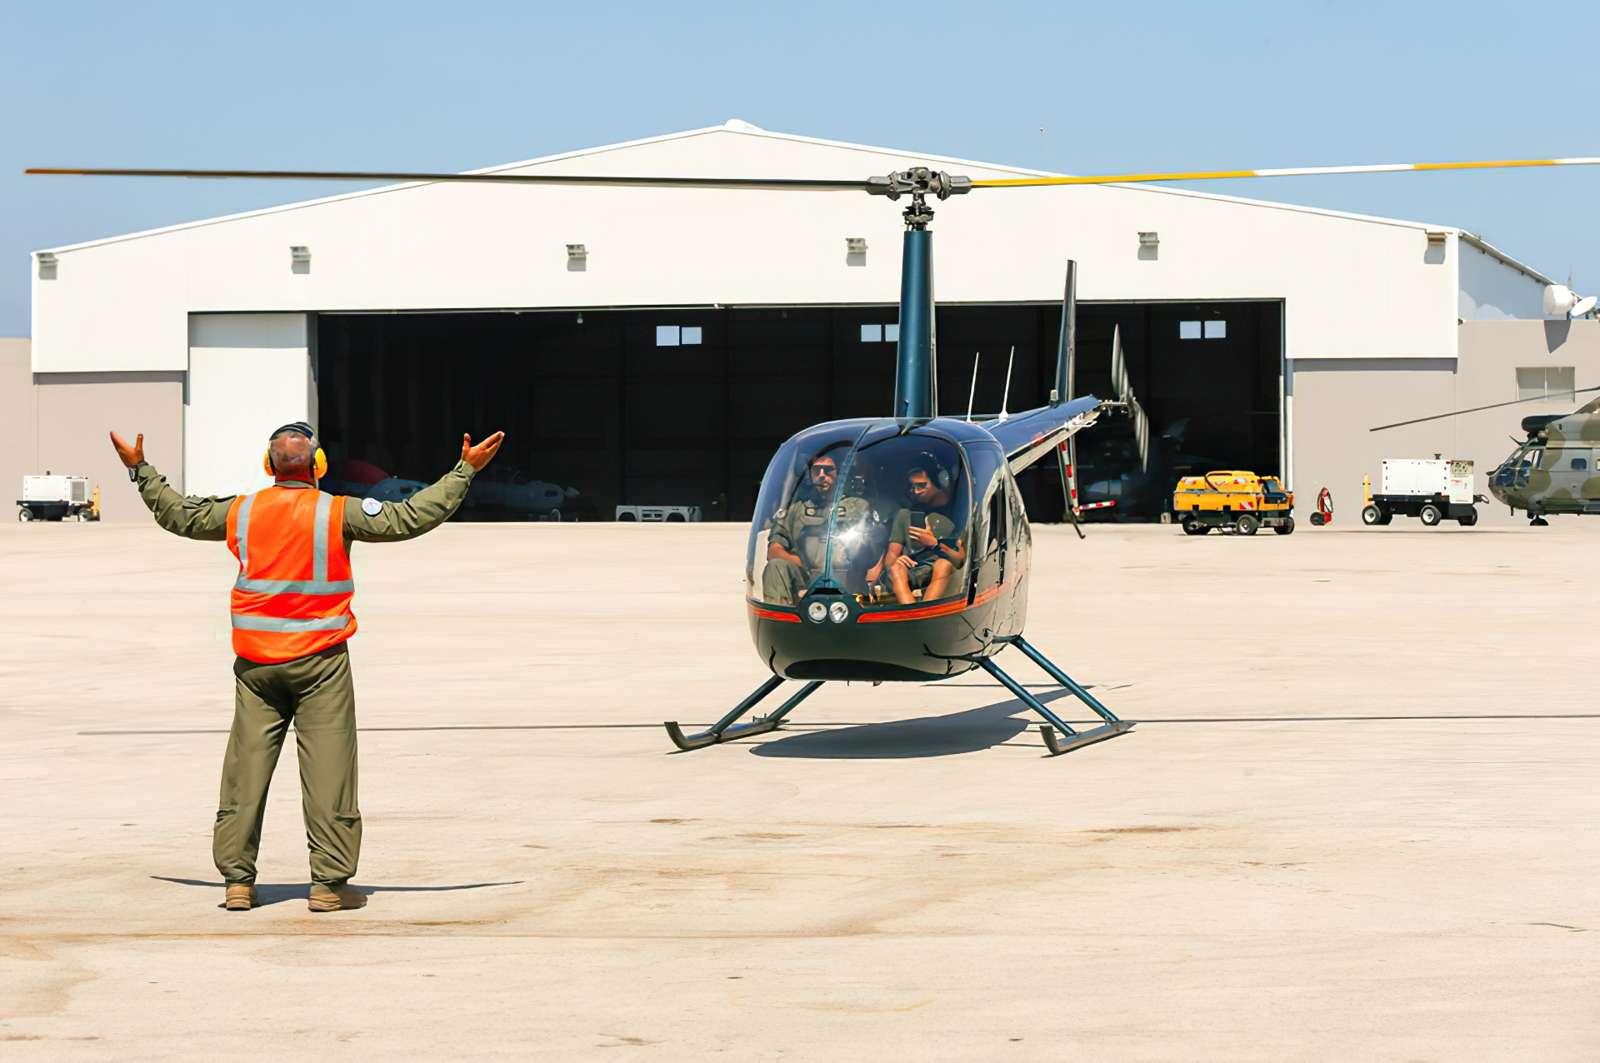 El ejército libanés vende viajes en helicóptero debido a la crisis económica